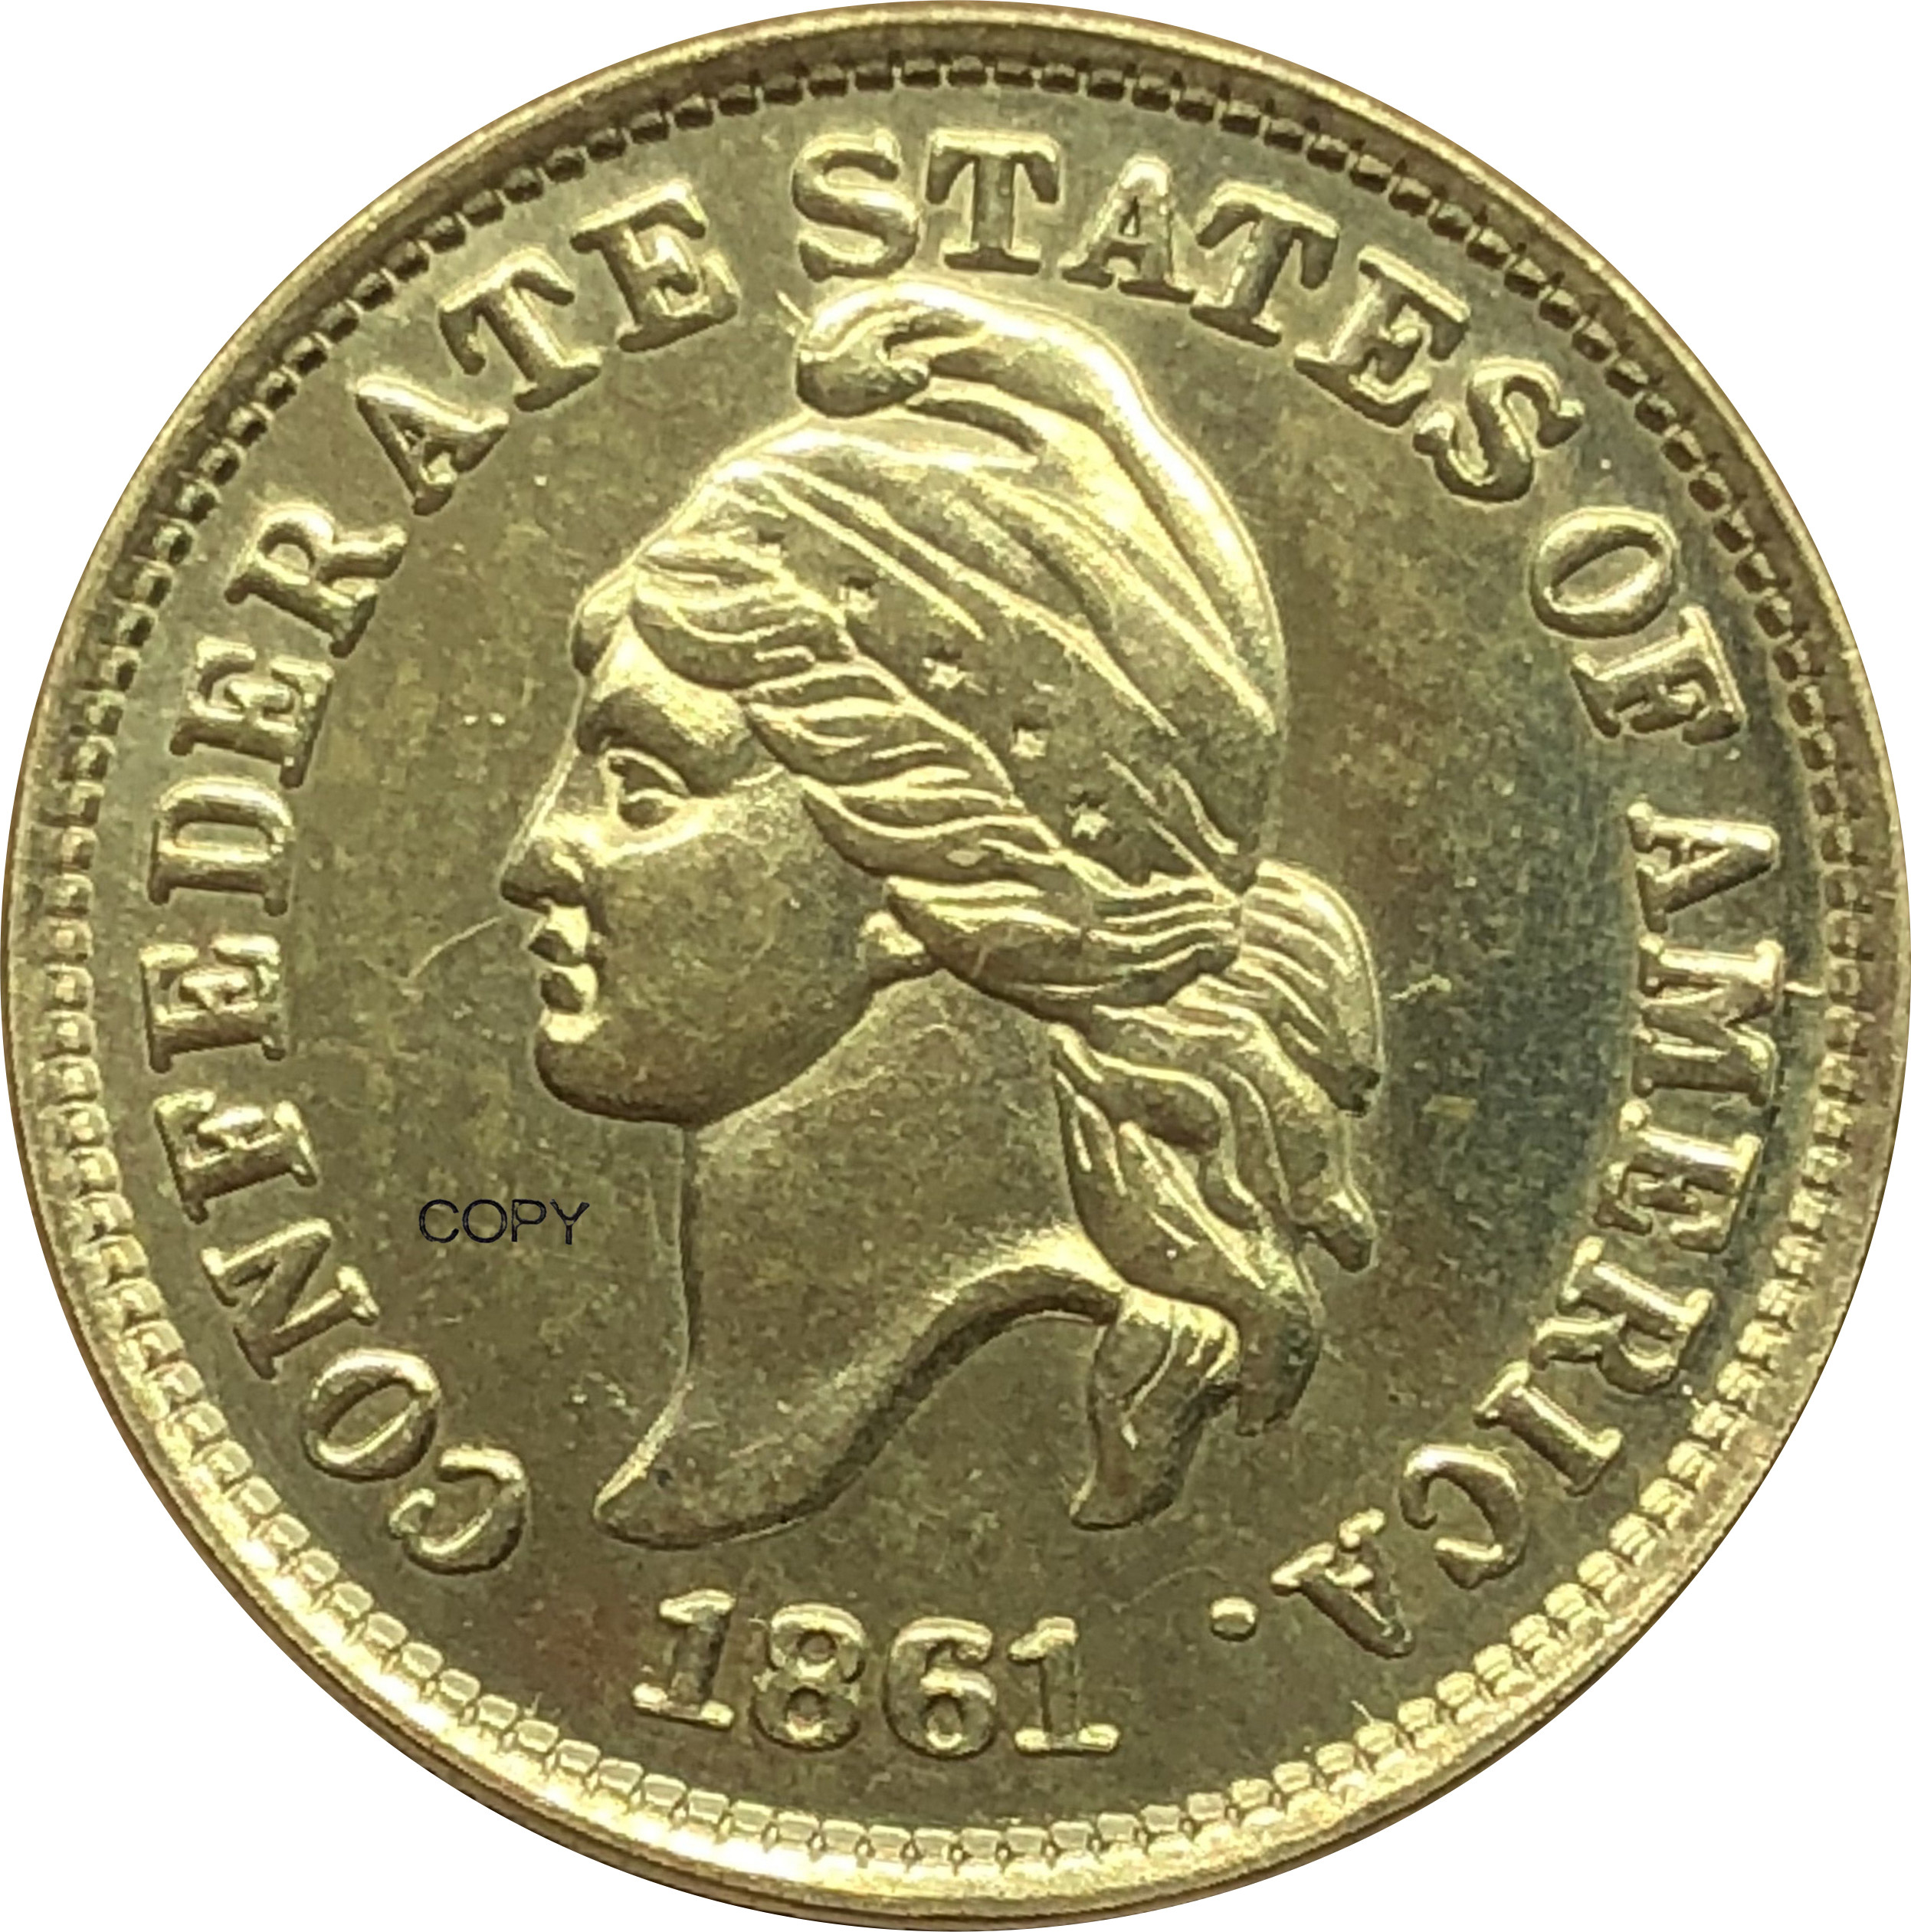 Estados unidos confederados estados da américa 1 cent haseltine restrike 1861 moeda de ouro bronze moedas de cópia de metal